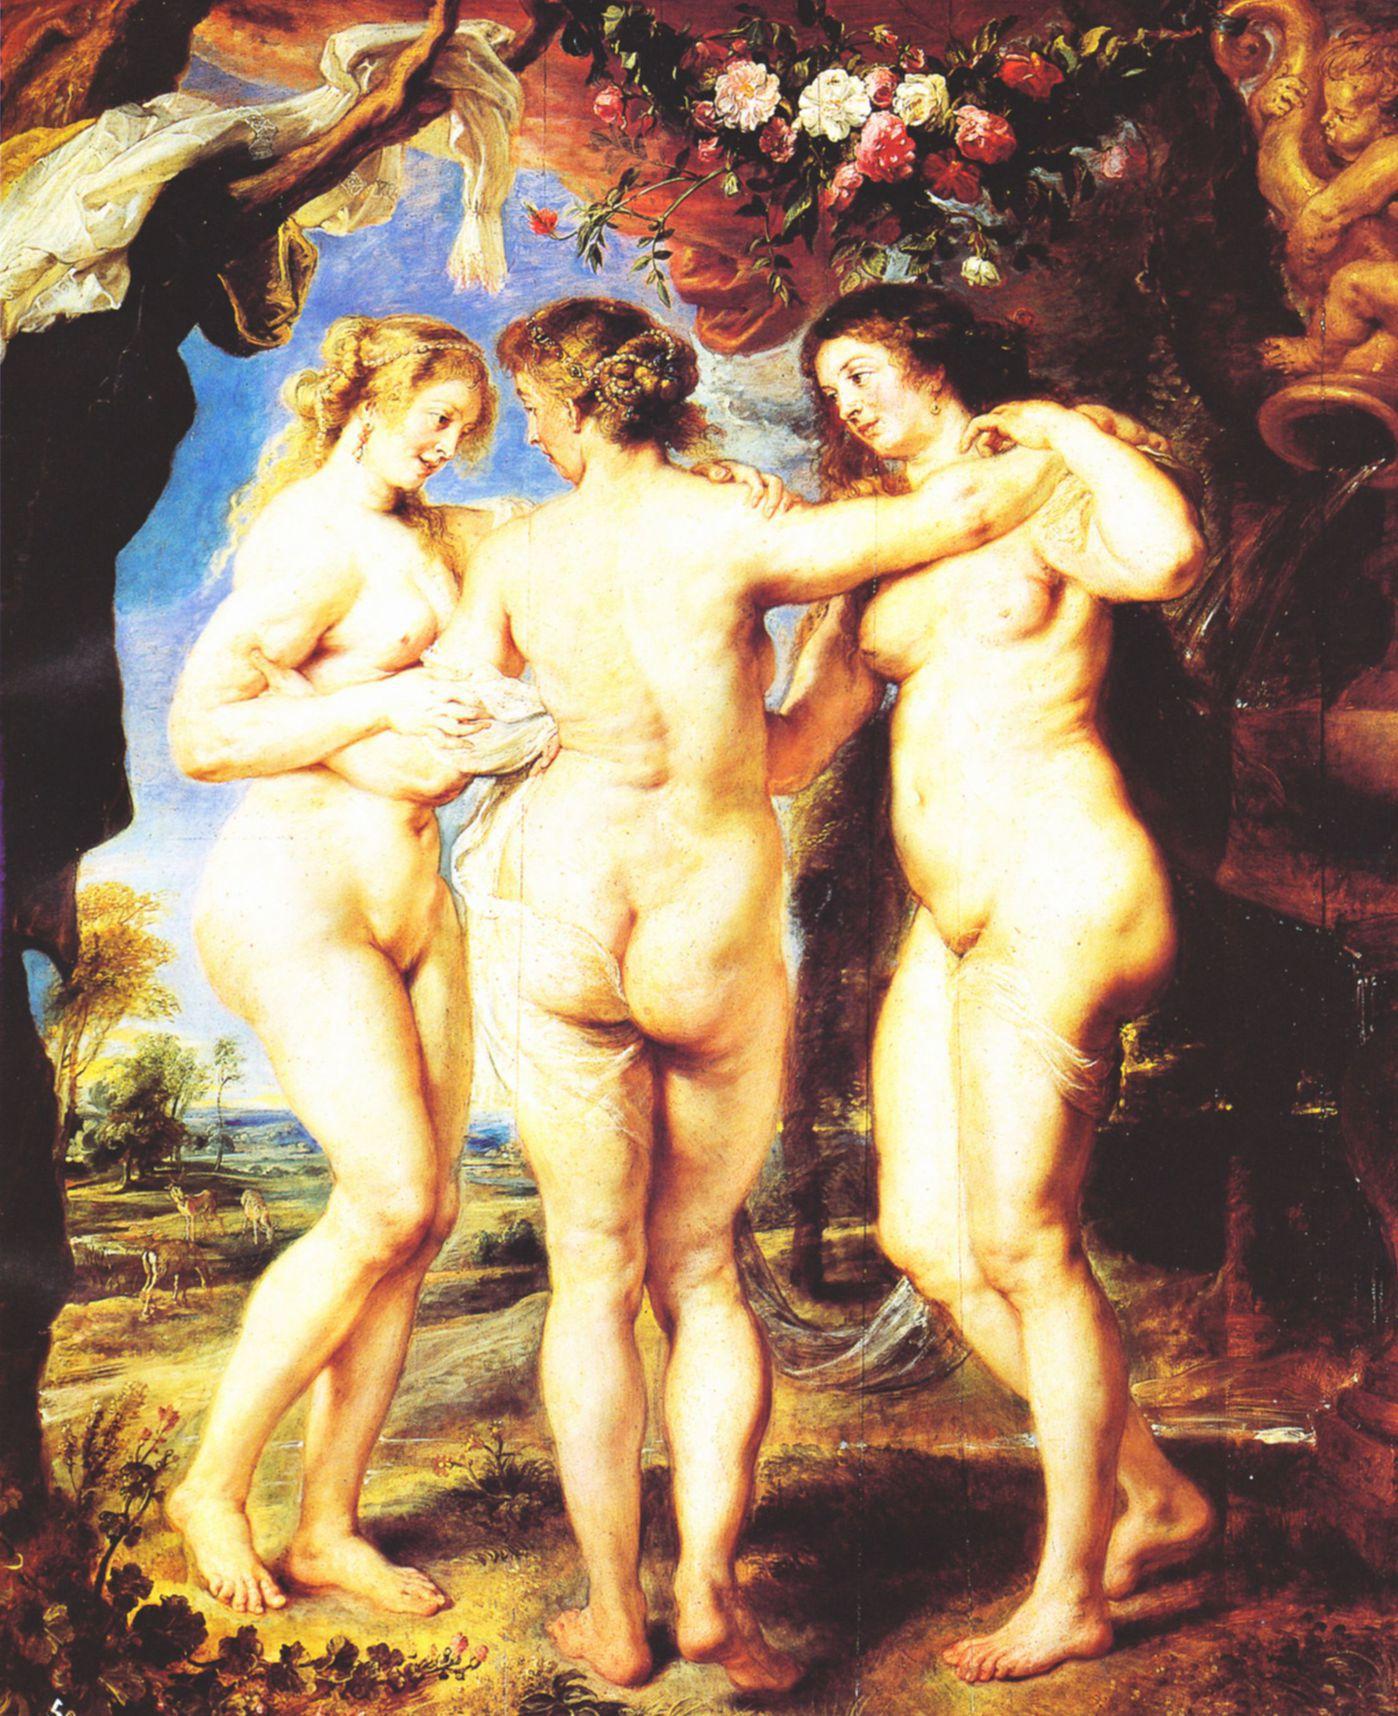 тридевушки домашнийбыт эротика рисунки современноеискусство